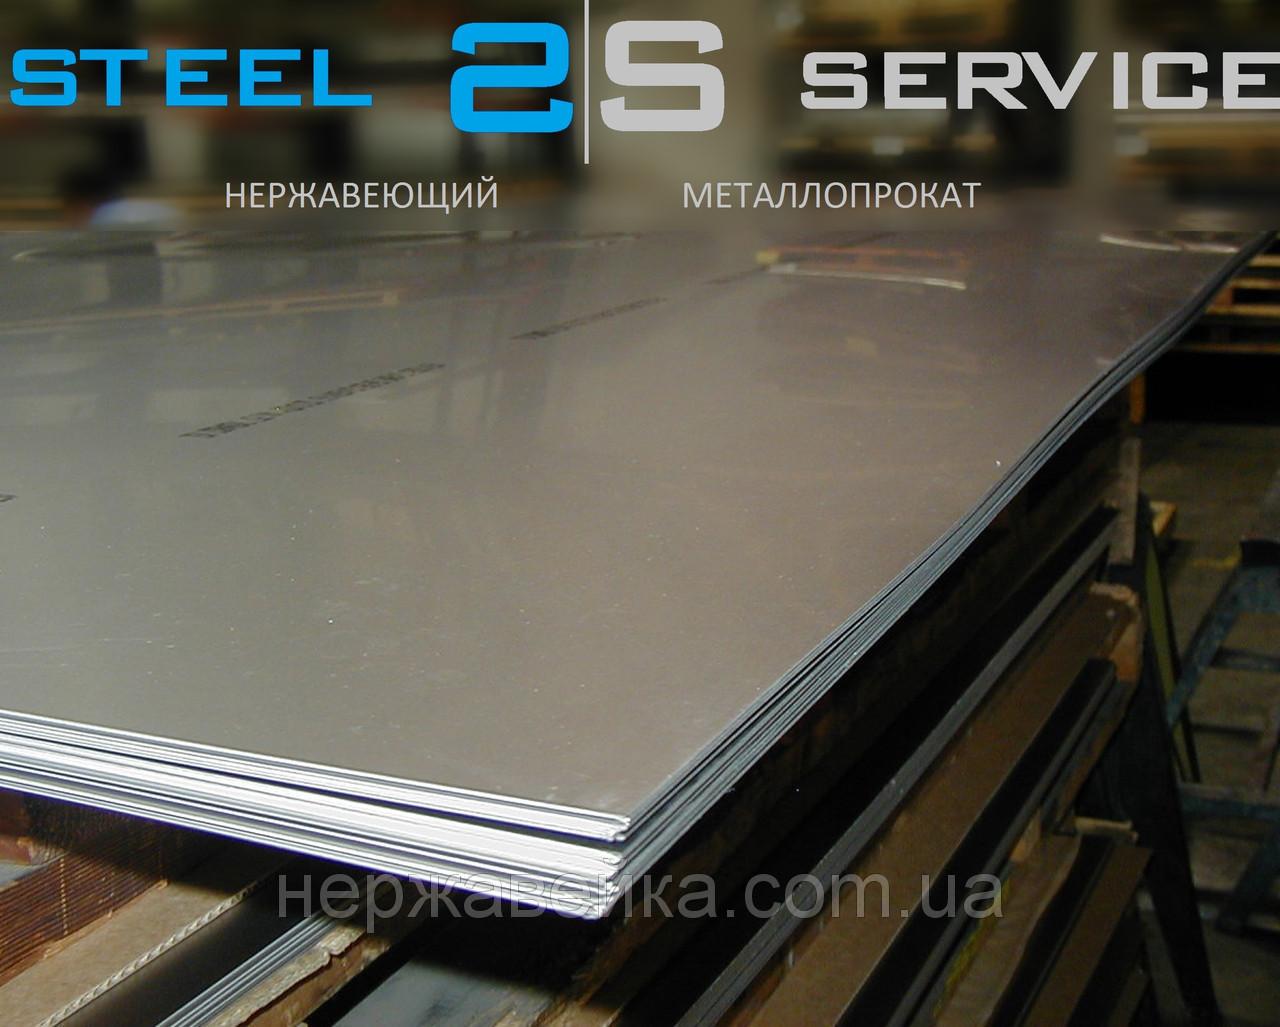 Нержавейка лист 8х1500х3000мм  AISI 321(08Х18Н10Т) F1 - горячекатанный,  пищевой